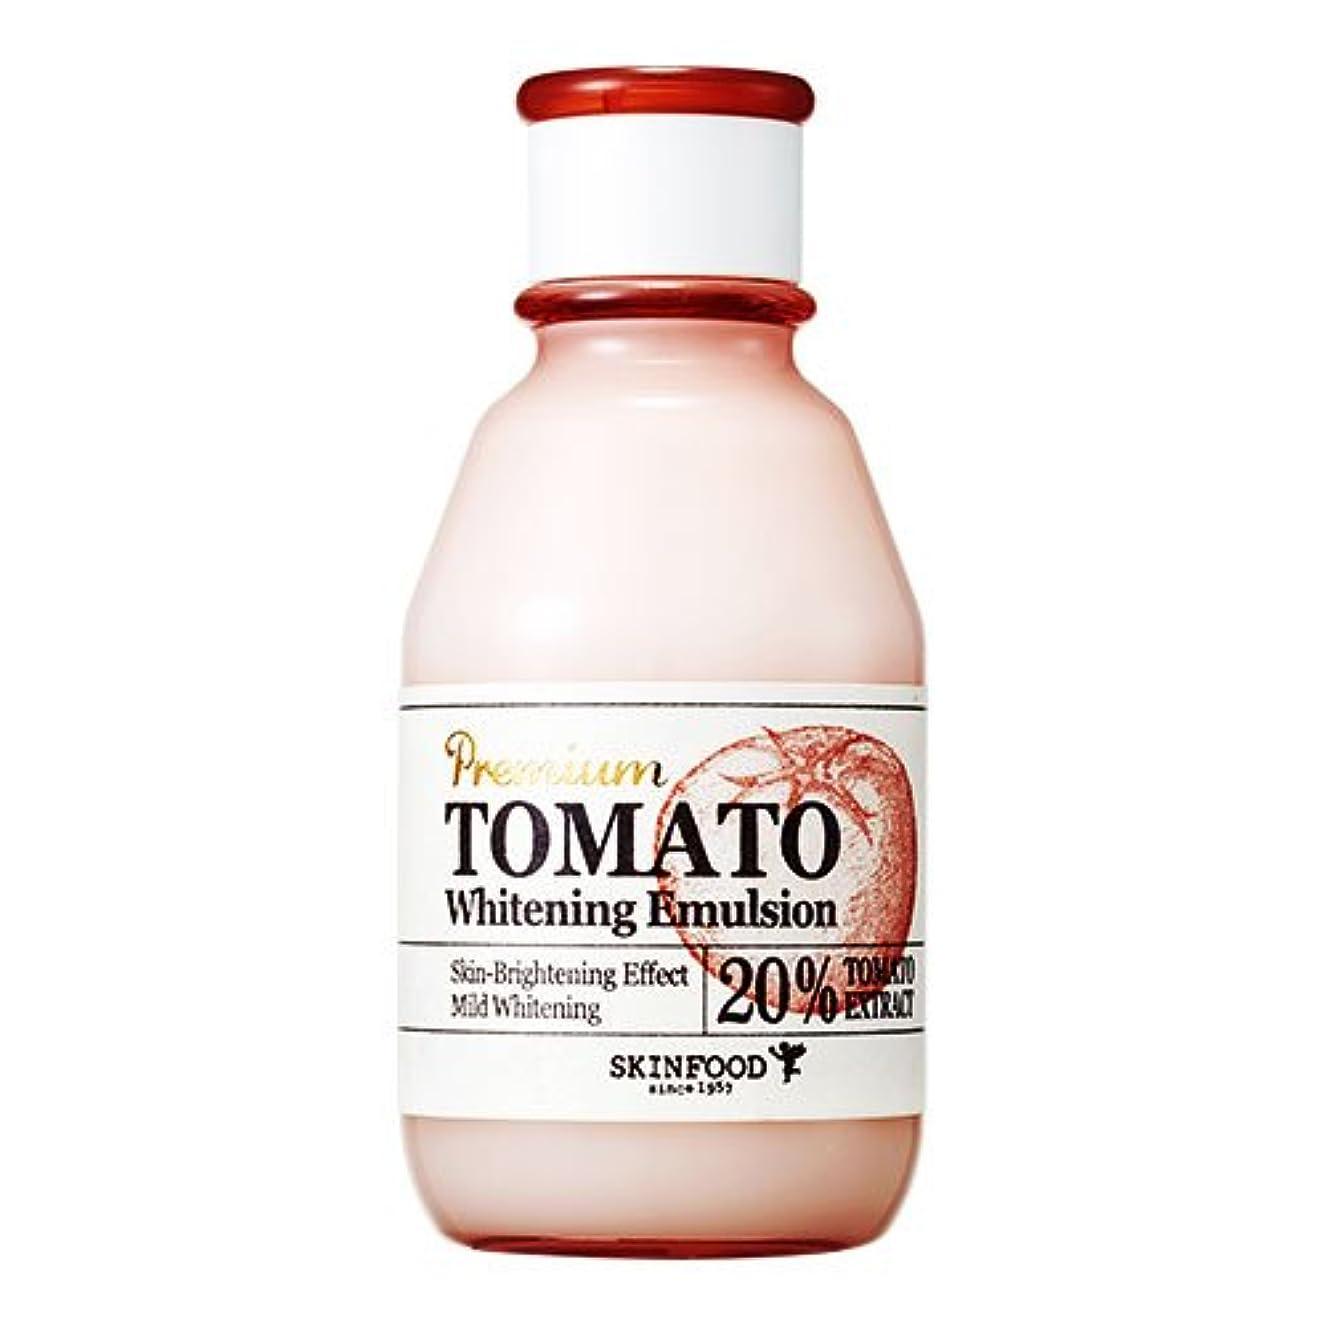 スチュワーデス奨励しますラジカル[スキンフード] SKINFOOD プレミアムトマトホワイトニングエマルジョン Premium Tomato Whitening Emulsion (海外直送品) [並行輸入品]